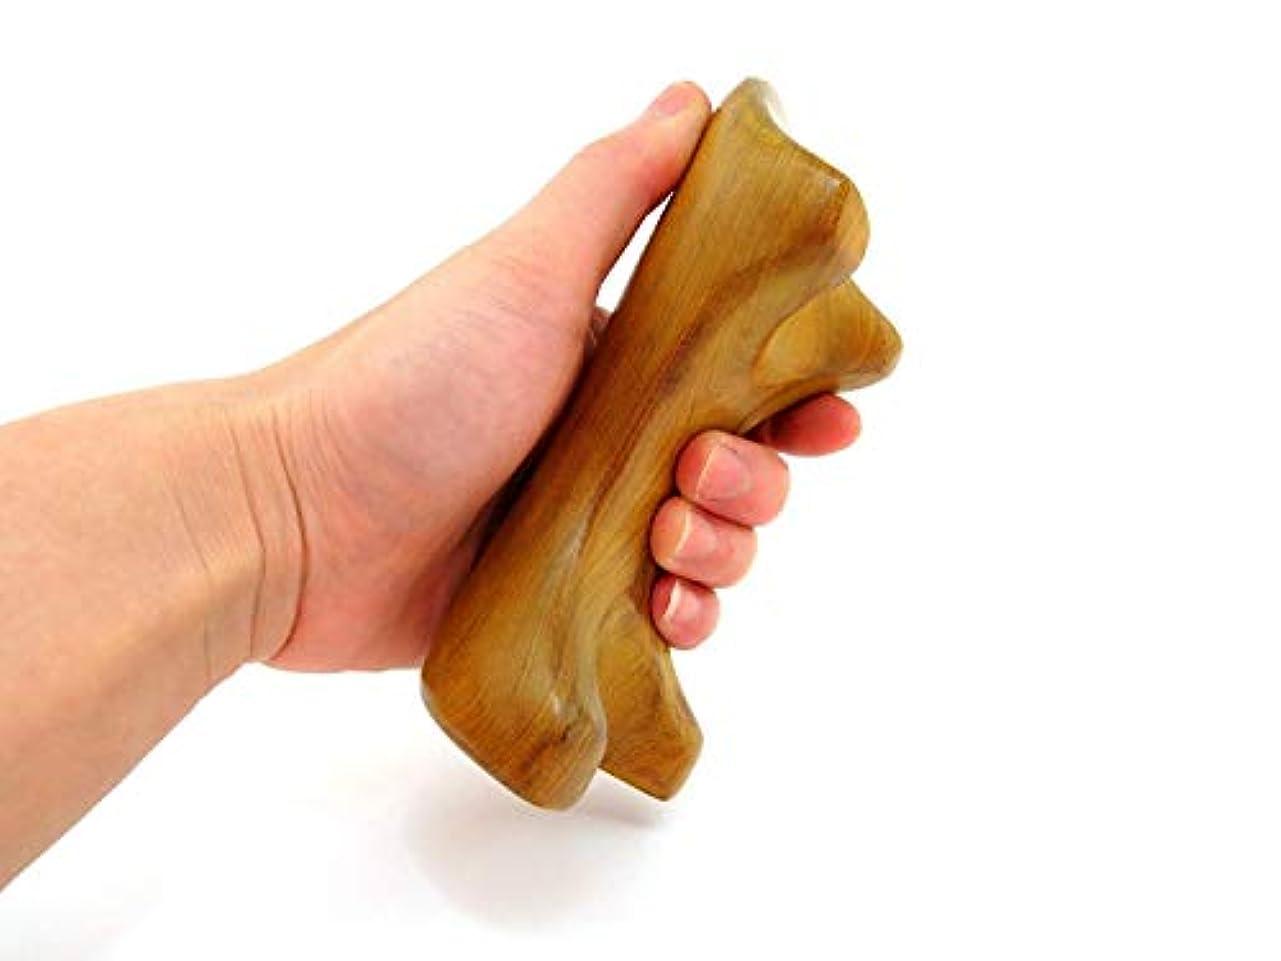 気がついてつかまえるつぶやきツボ 刺激 押し 握り かっさ プレート マッサージ棒 マッサージ台 天然木製 イヌ形